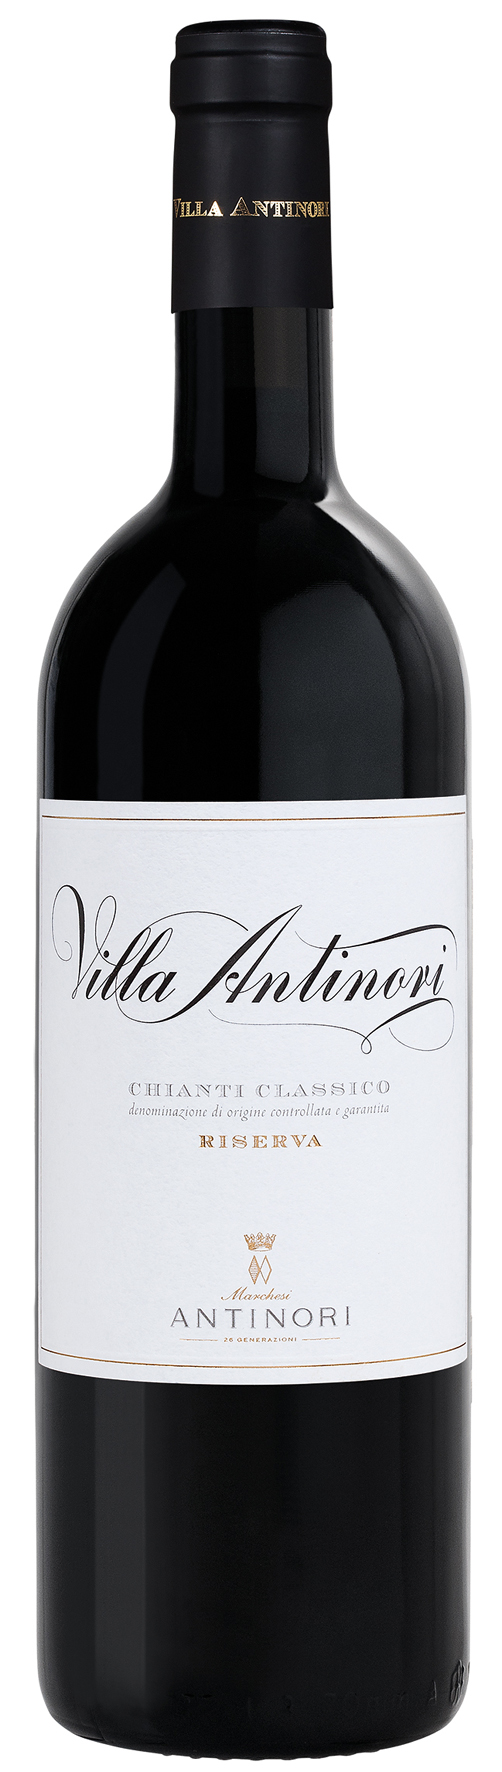 2013 Villa Antinori Chianti Classico DOCG Riserva Antinori